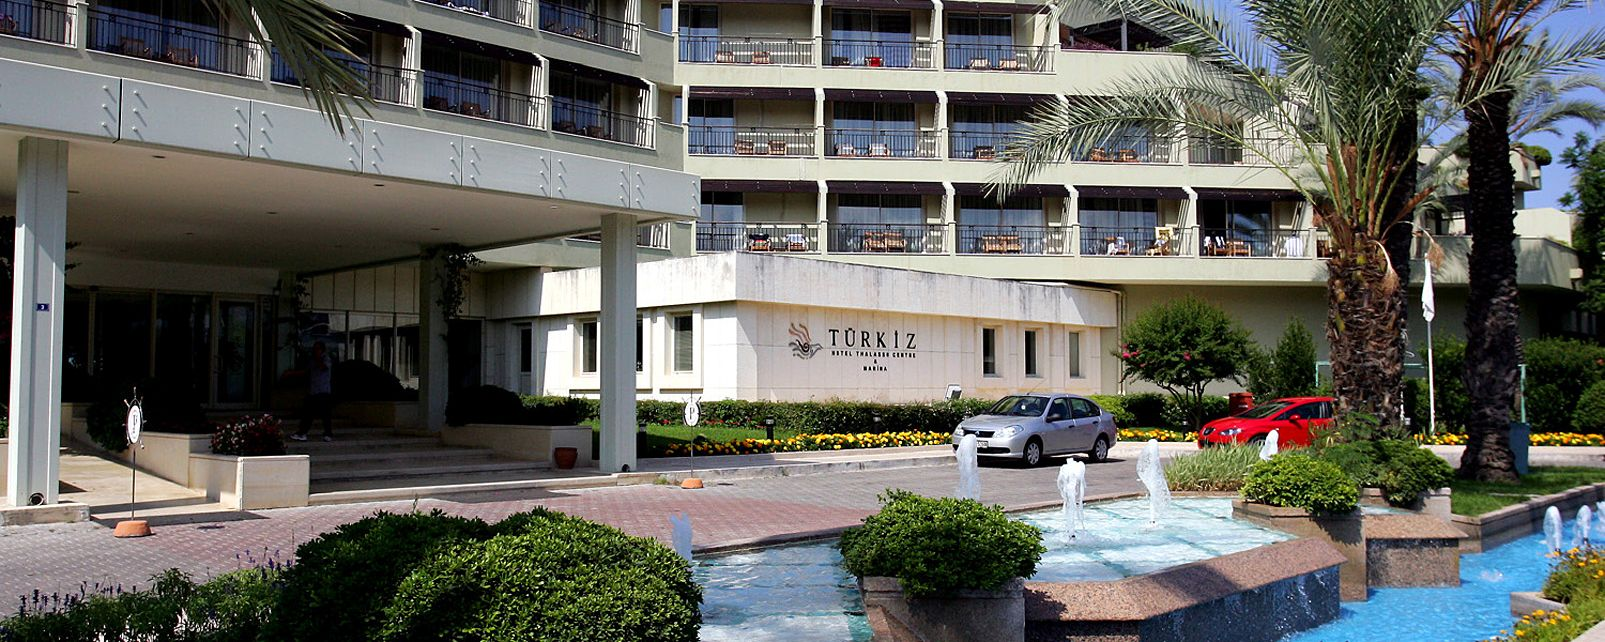 Hotel Turkiz